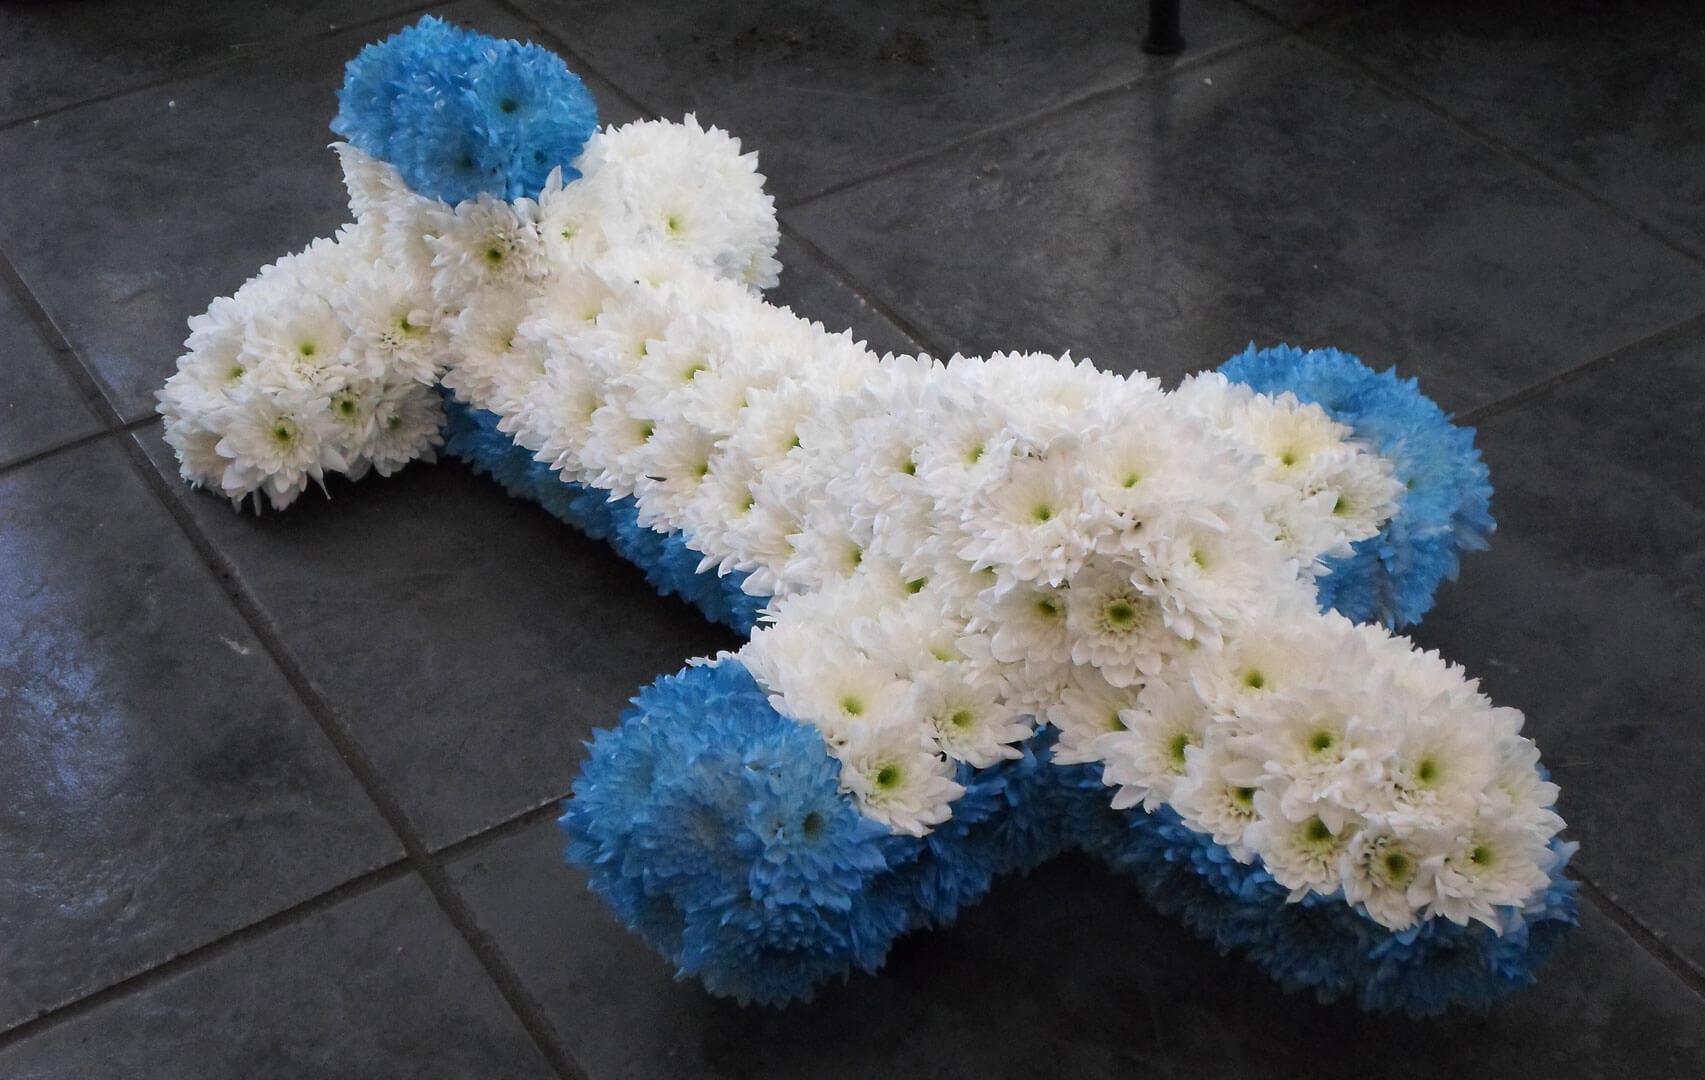 Funerals-Gallery-7